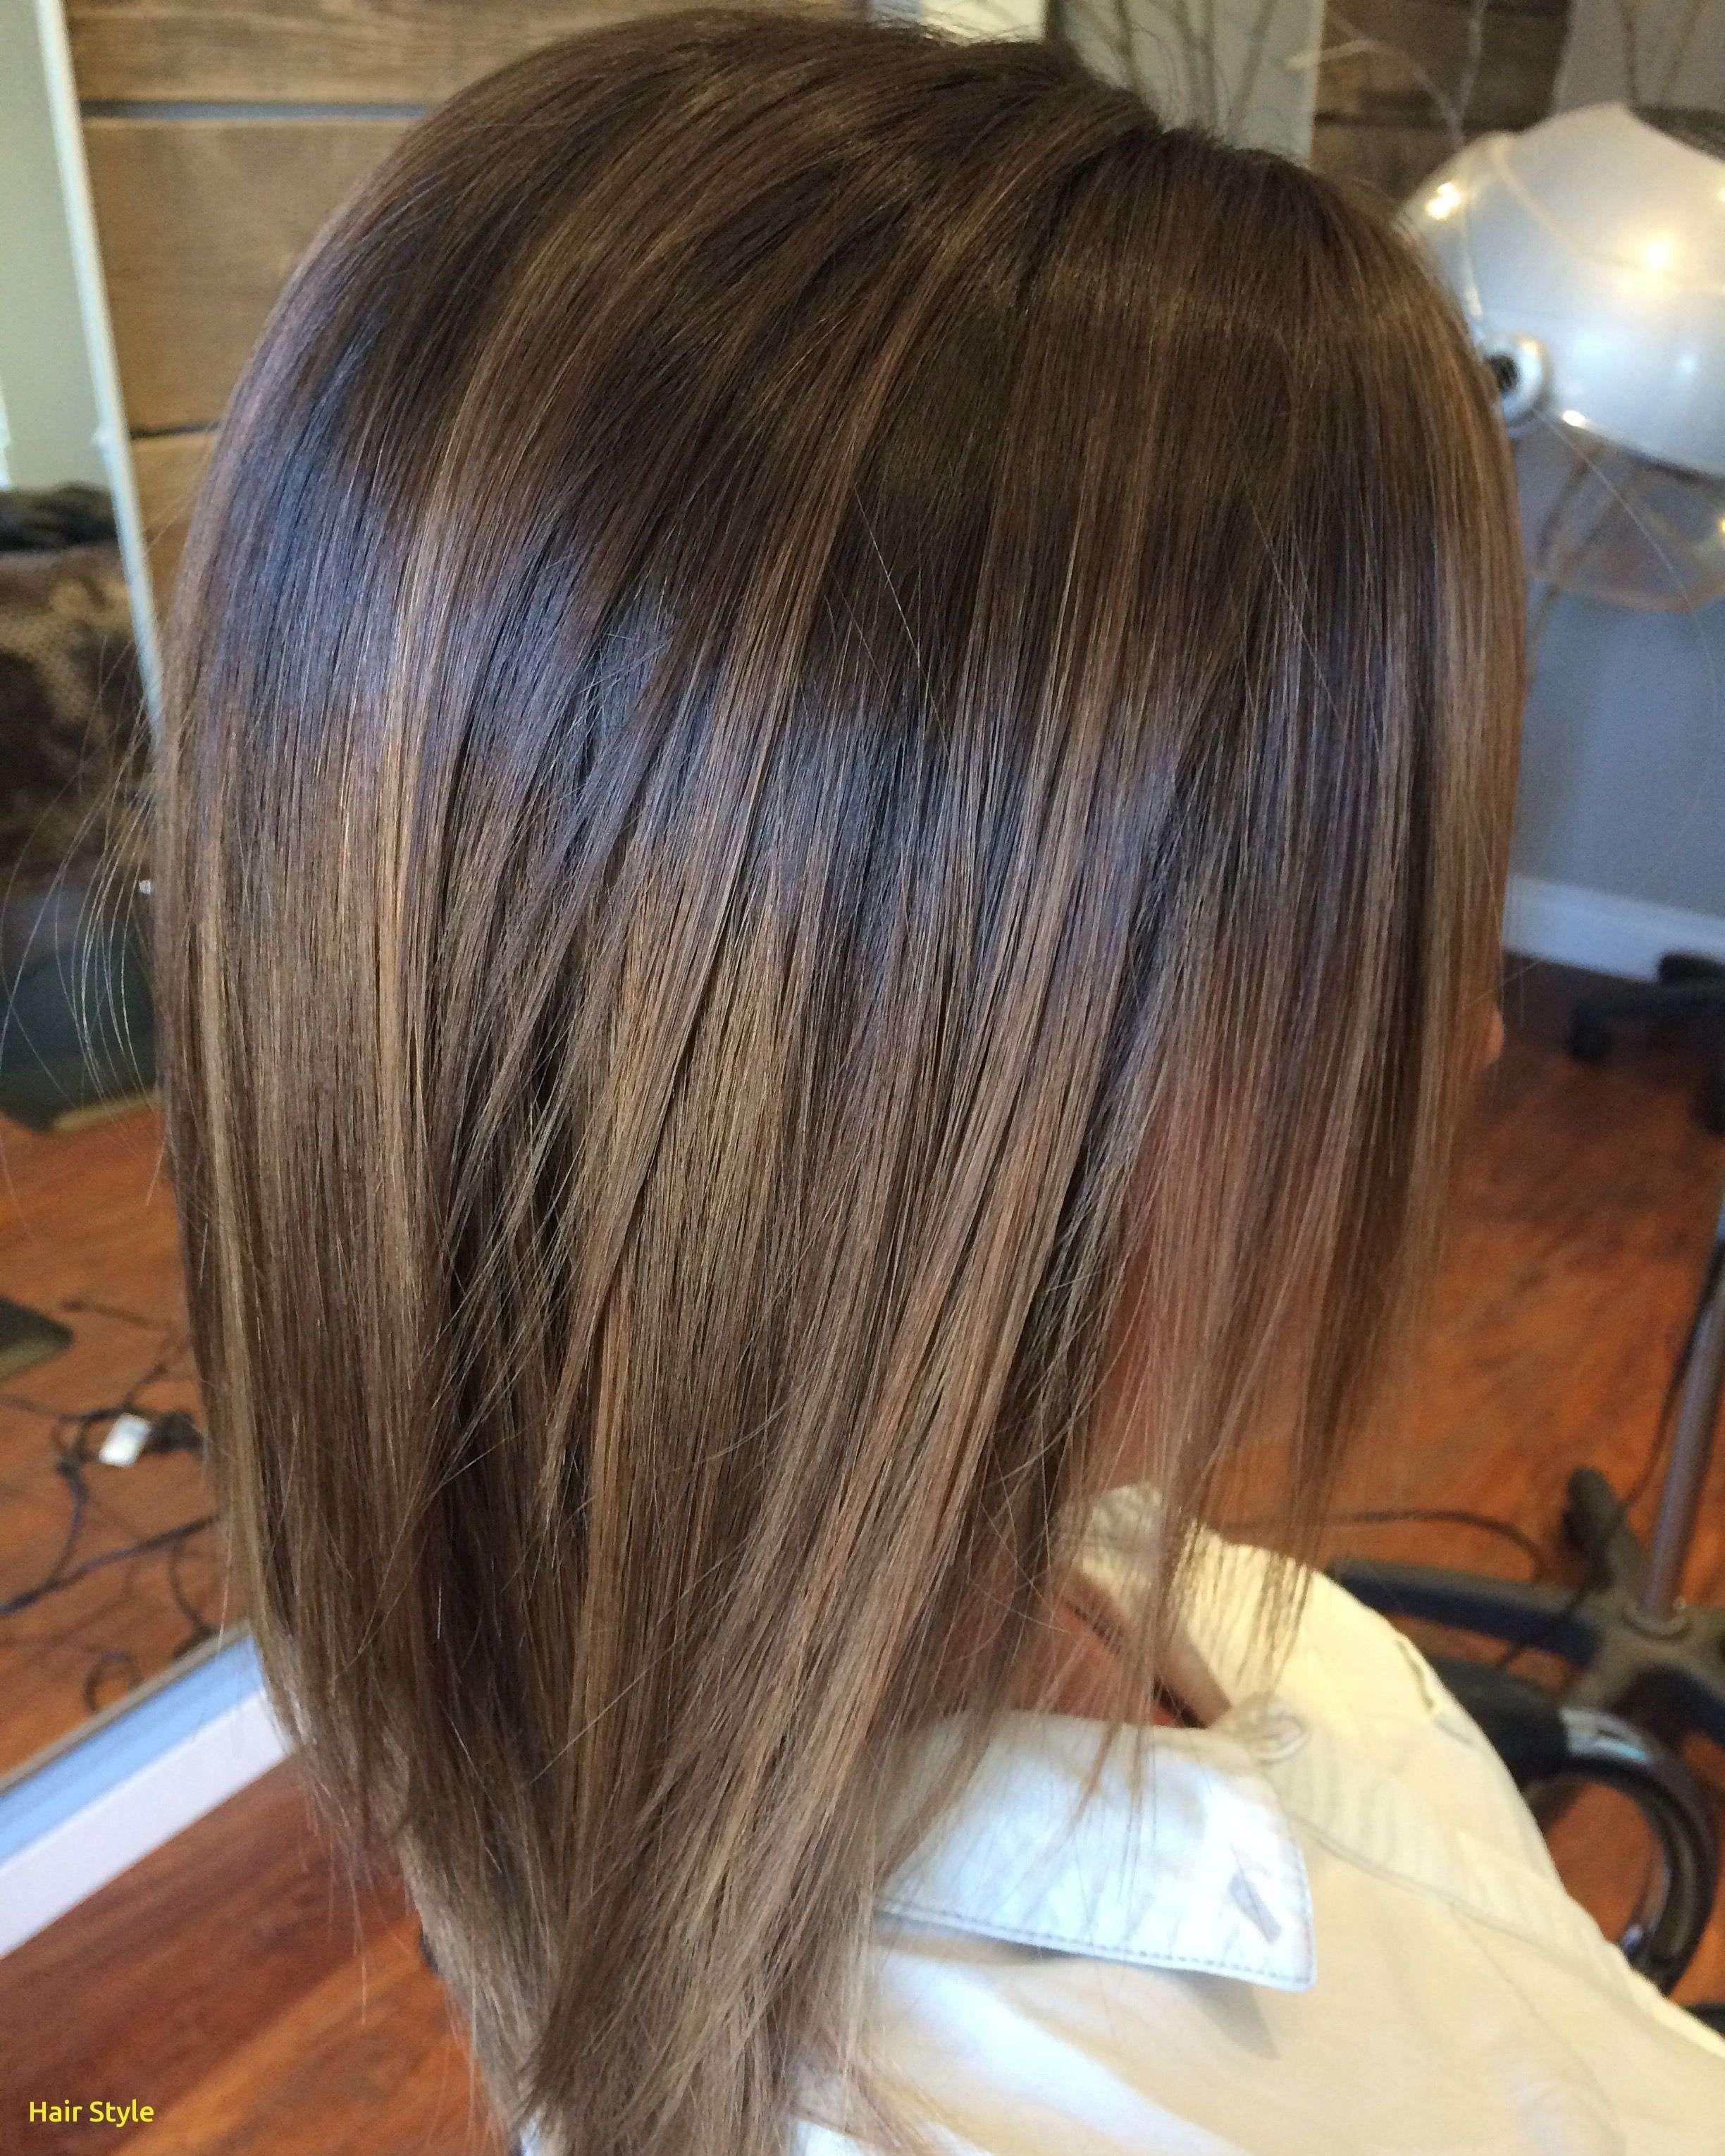 Nuevas tendencias de color de pelo 2019 color nuevas tendencias  Cabello  Balayage hair